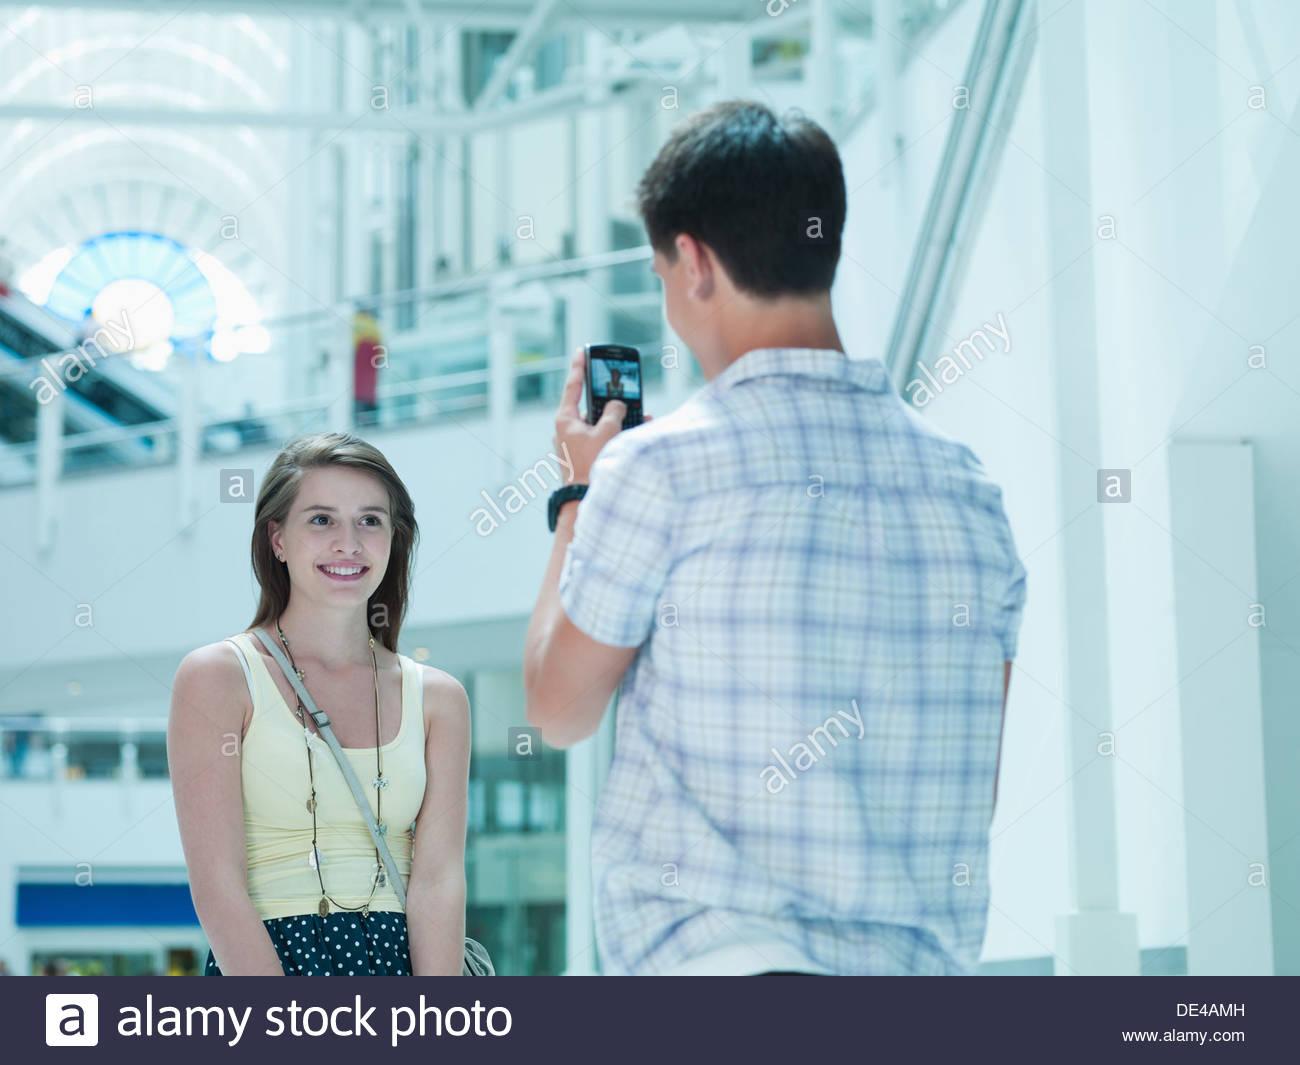 El hombre tomando la fotografía de la novia en el centro comercial Imagen De Stock